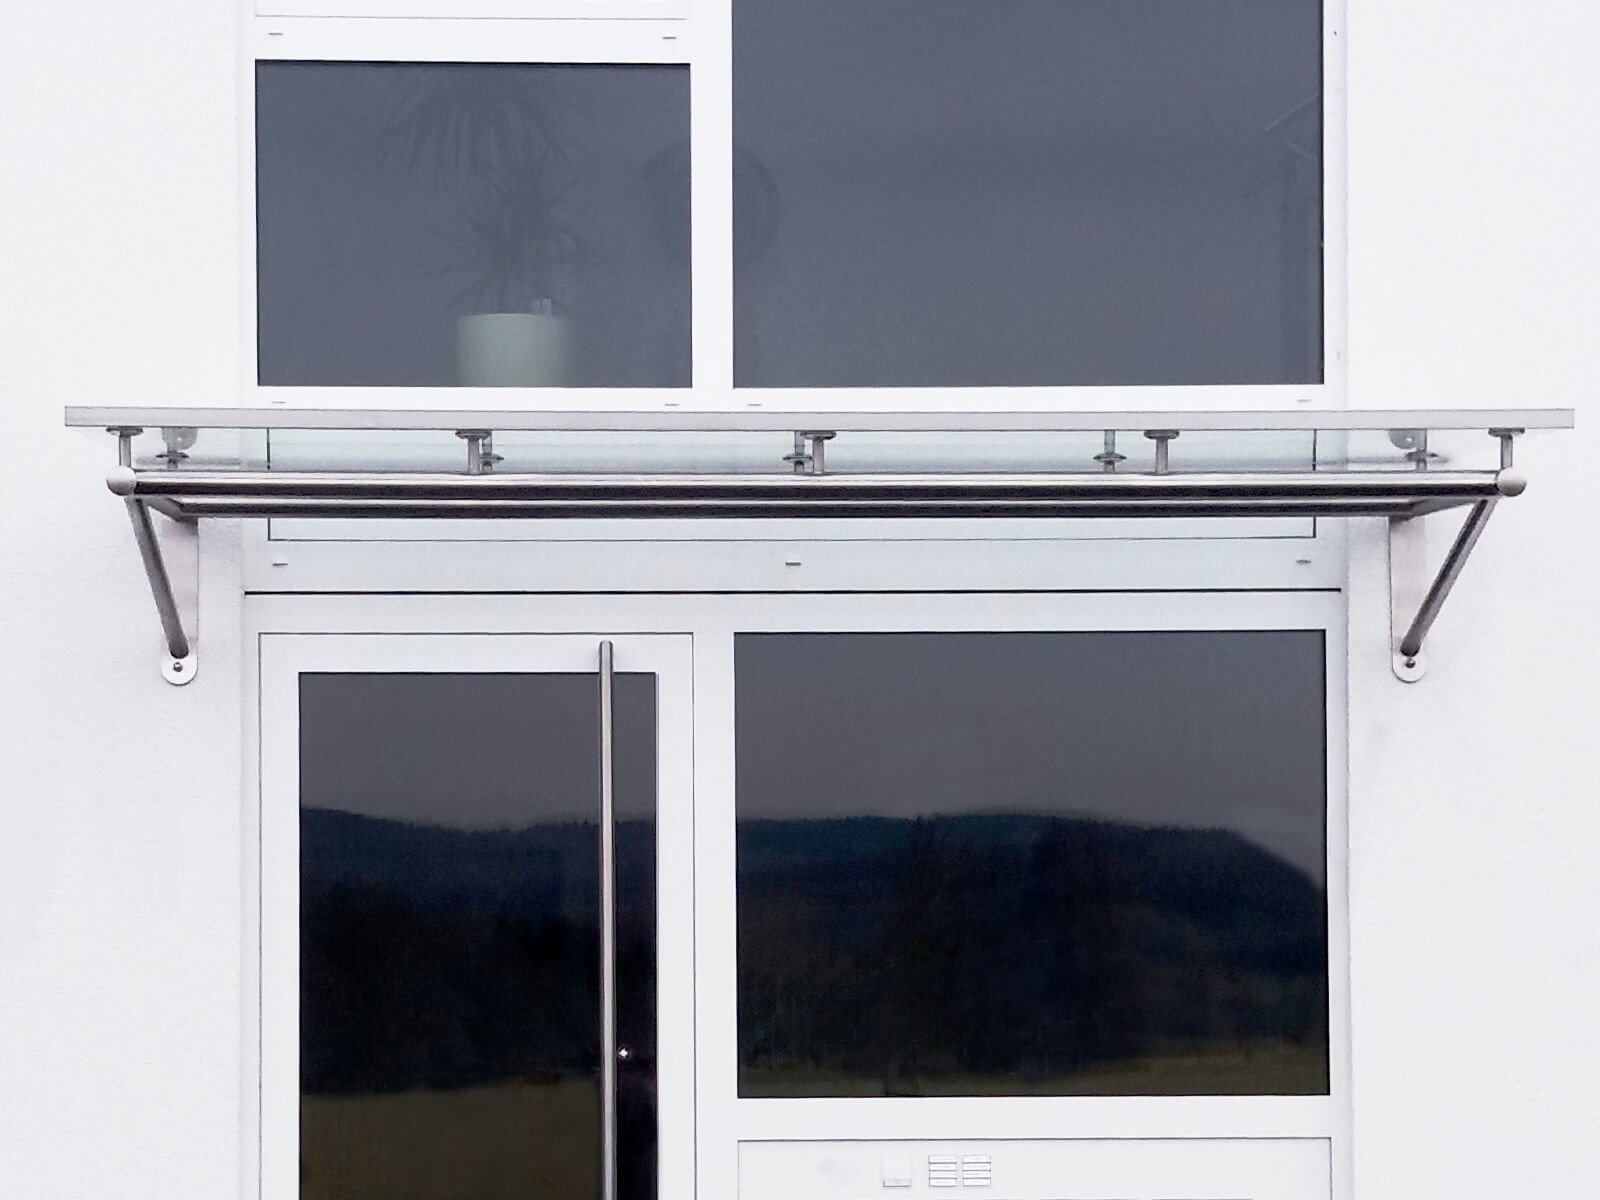 Glas Vordach Trave an Wärmedämmfassade